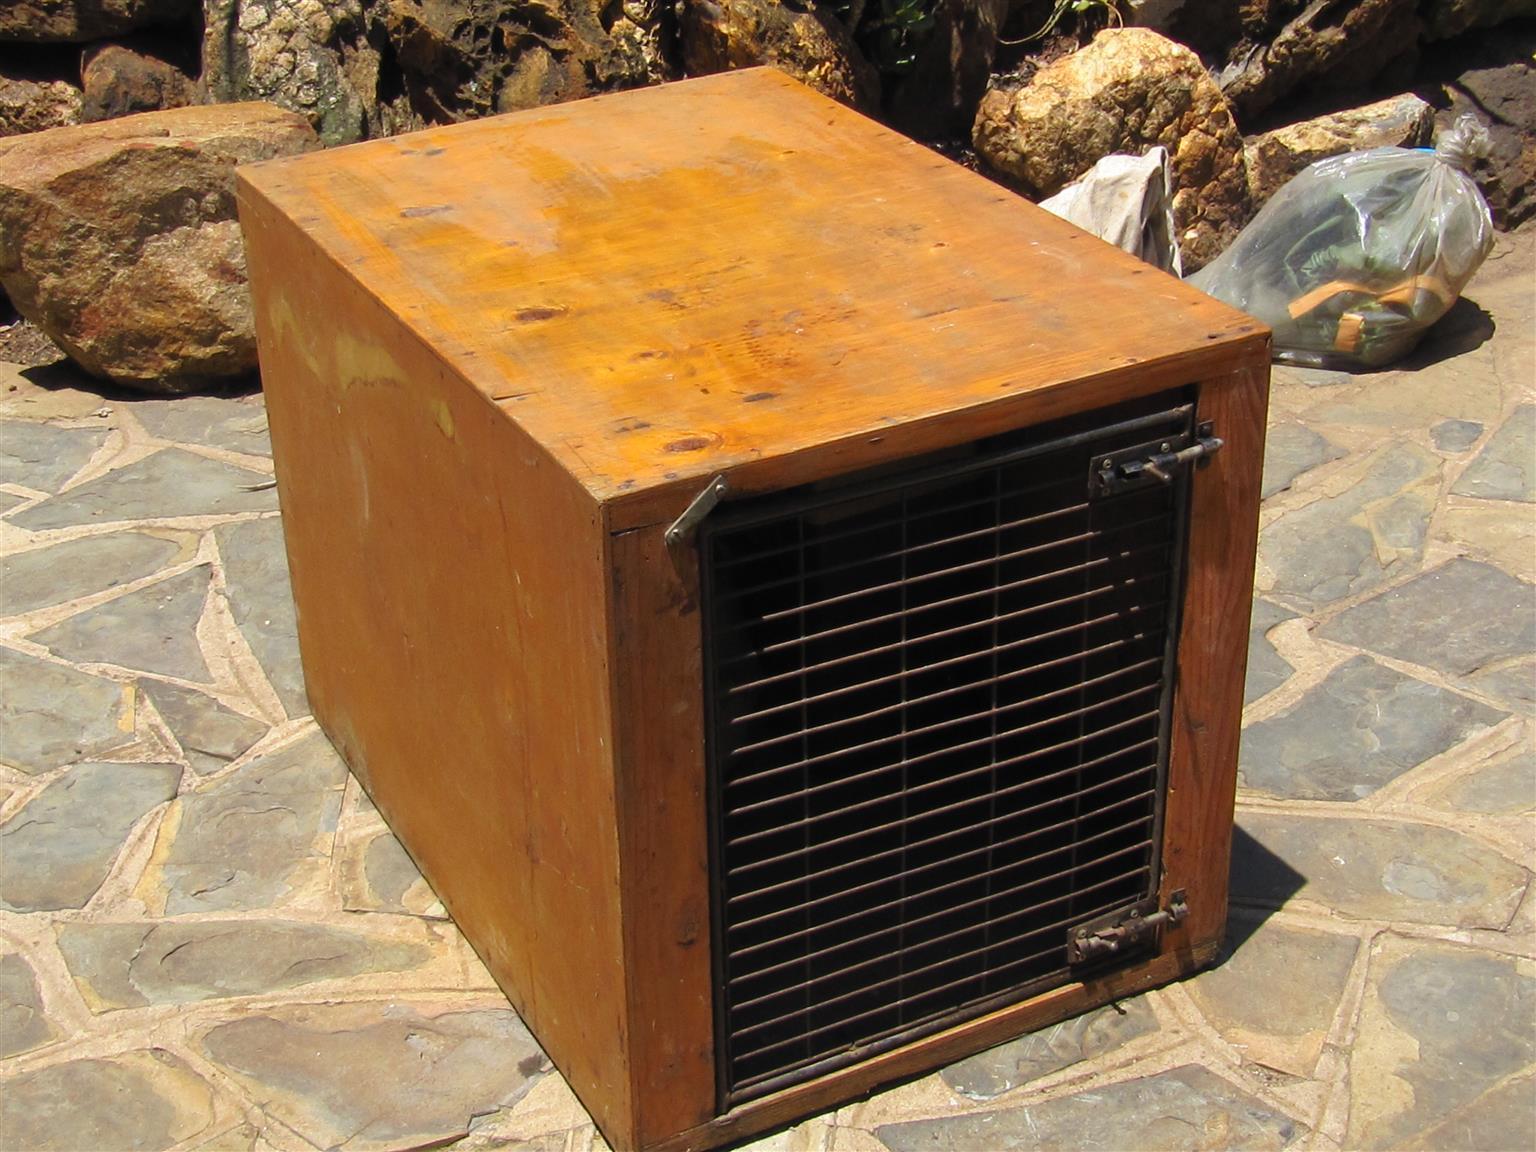 DOG TRAVEL BOX. Marine Ply. Waterproof & sturdy. 2 pcs